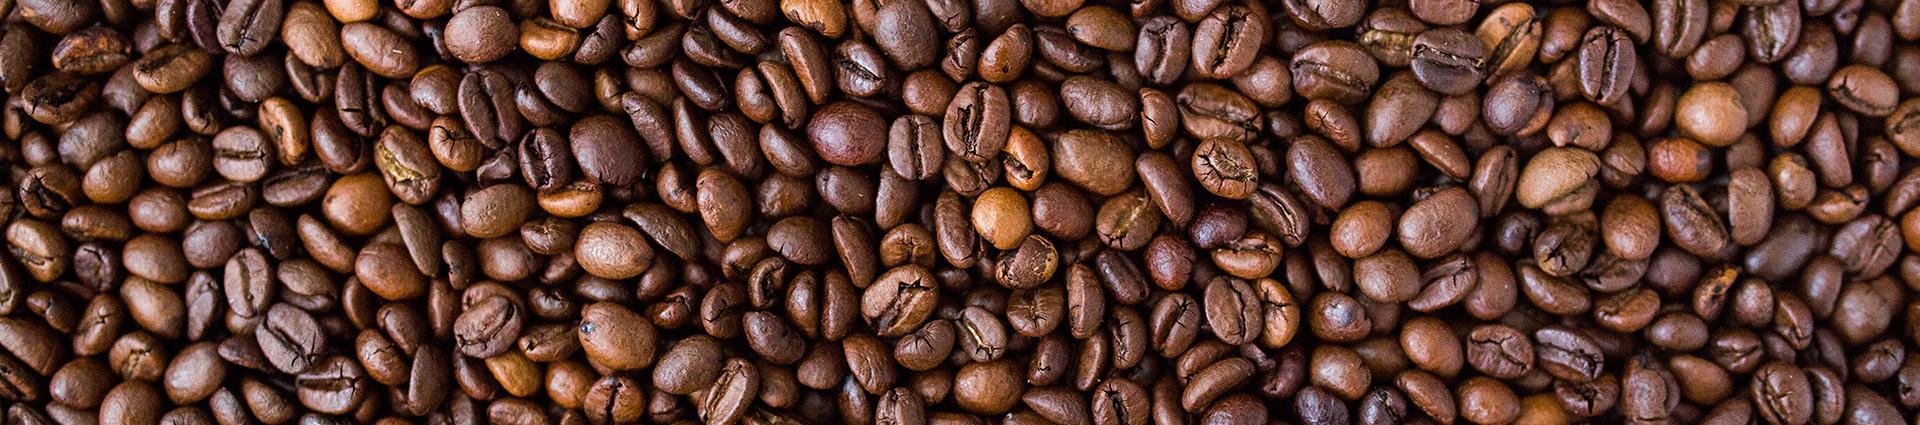 Kaffee/Tee